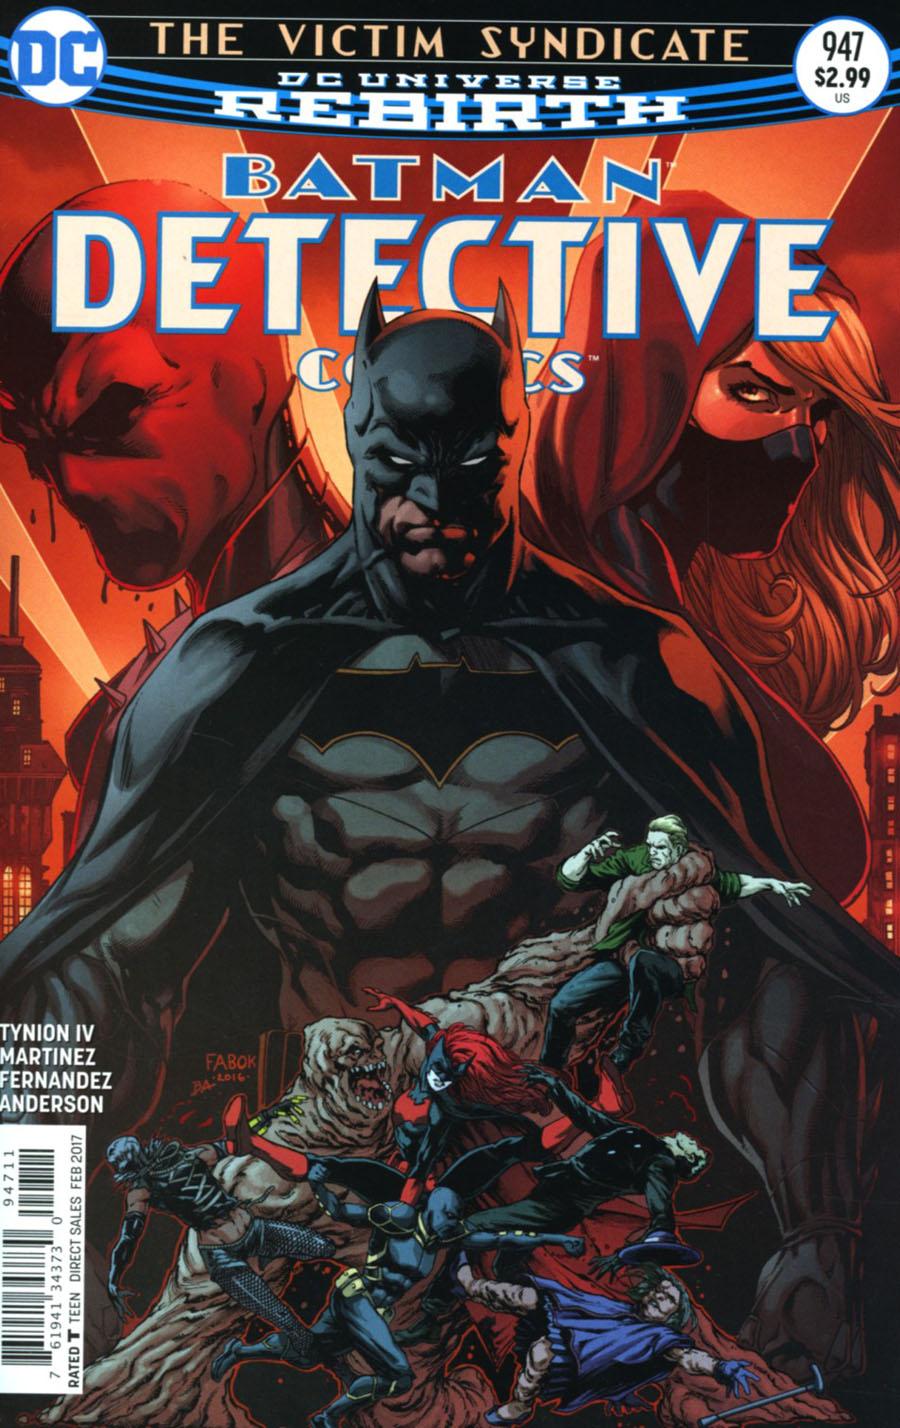 Batman - Detective Comics 947 - The Victim Syndicate - Conclusion